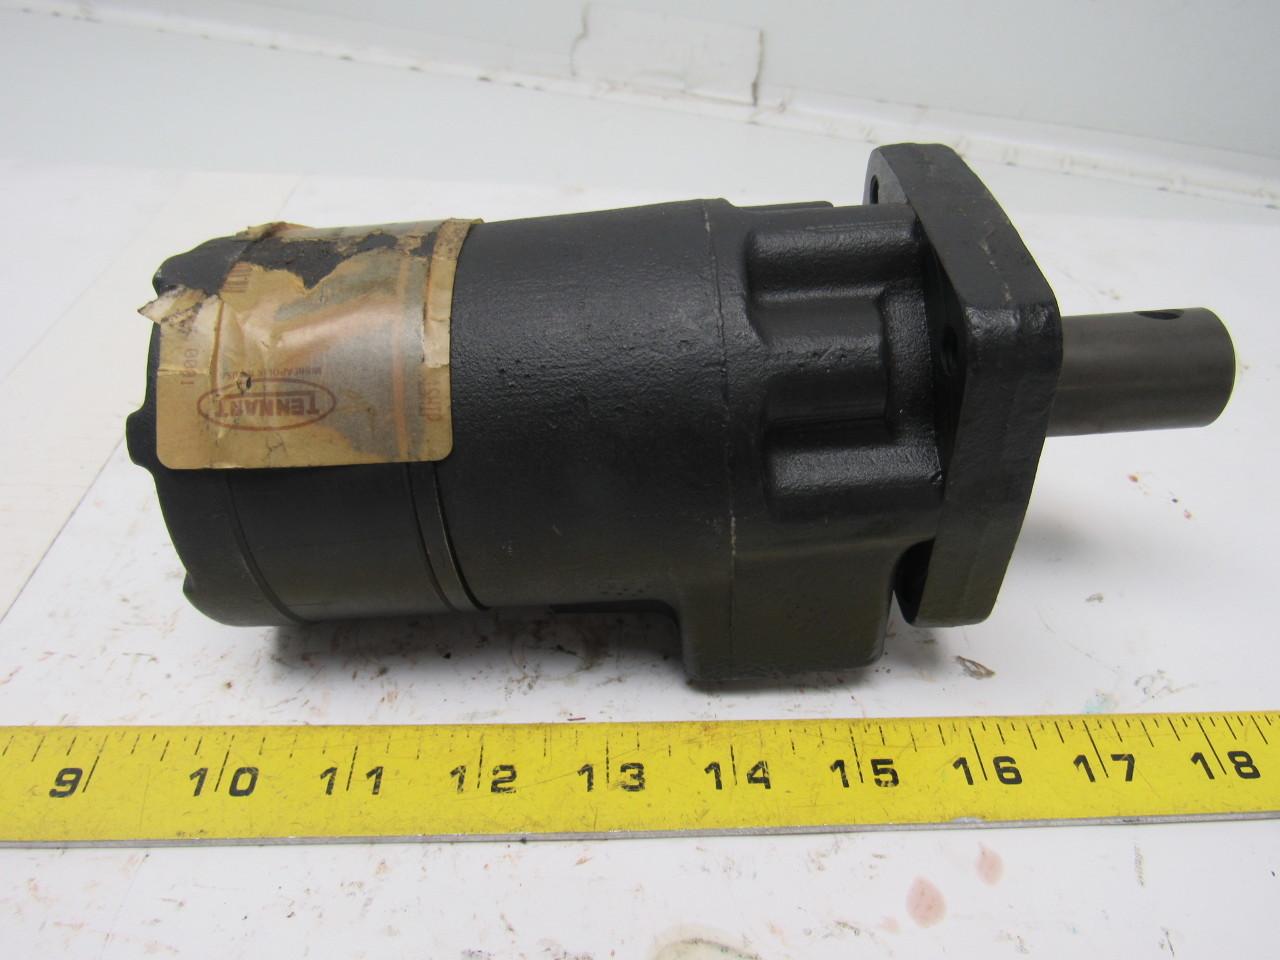 Char Lynn 130 1387 003 Hydraulic Pump Motor 1 Straight